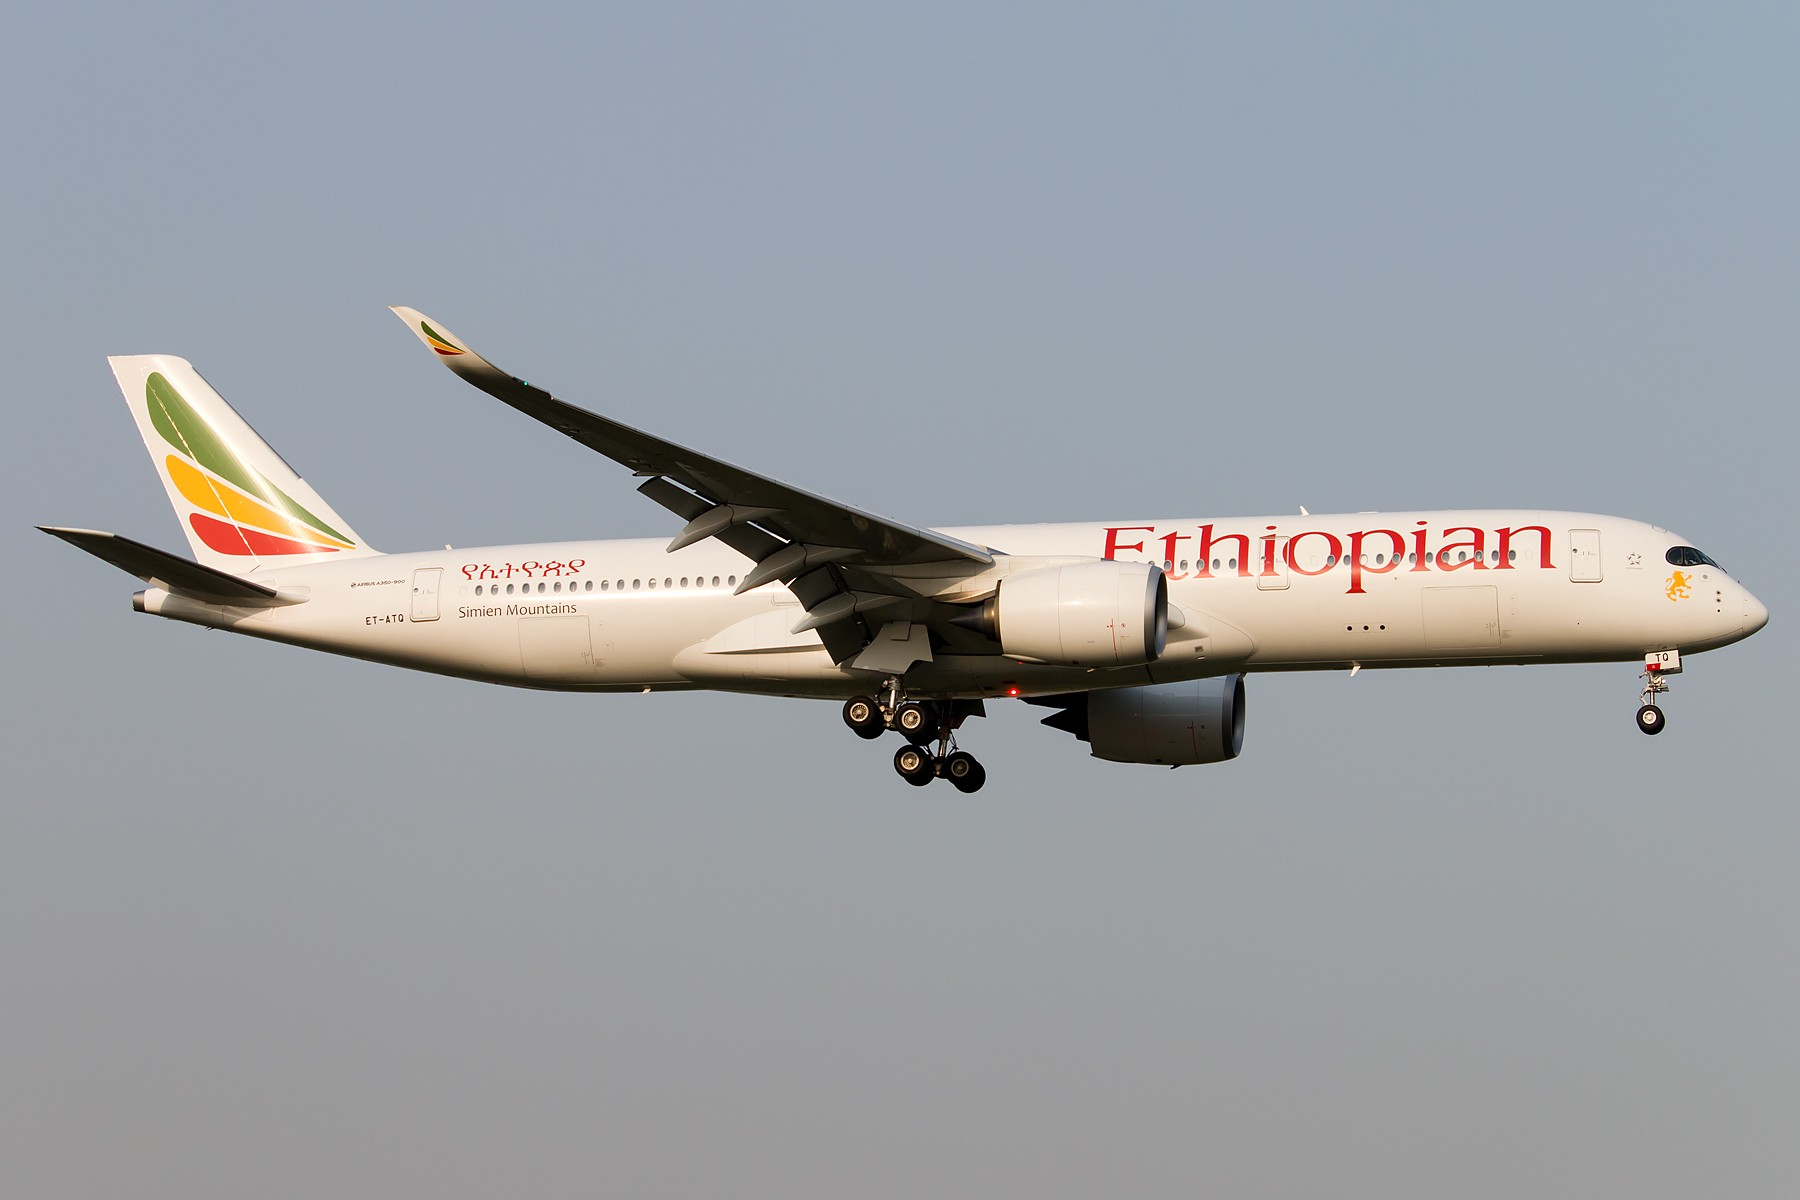 [原创][一图党]埃塞俄比亚航空 A350-900XWB首航北京 1800*1200 AIRBUS A350-900XWB ET-ATQ 中国北京首都国际机场